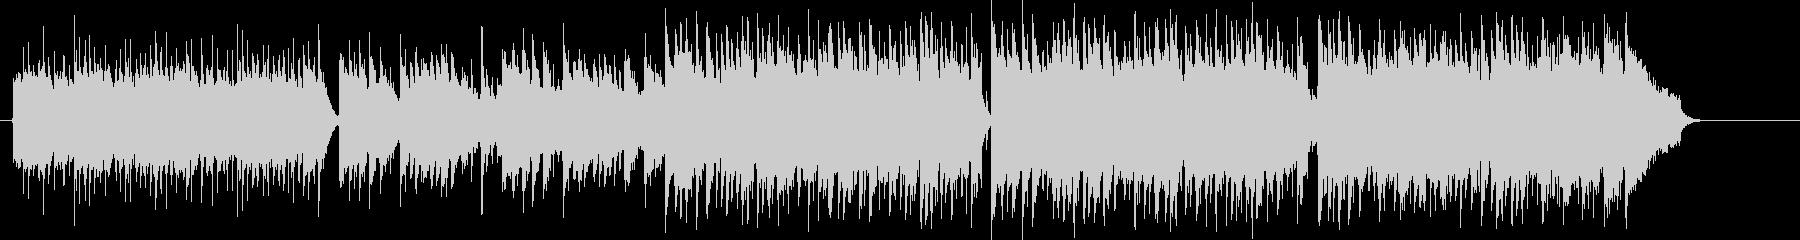 歌謡センスのピアノポップ、センチメンタルの未再生の波形